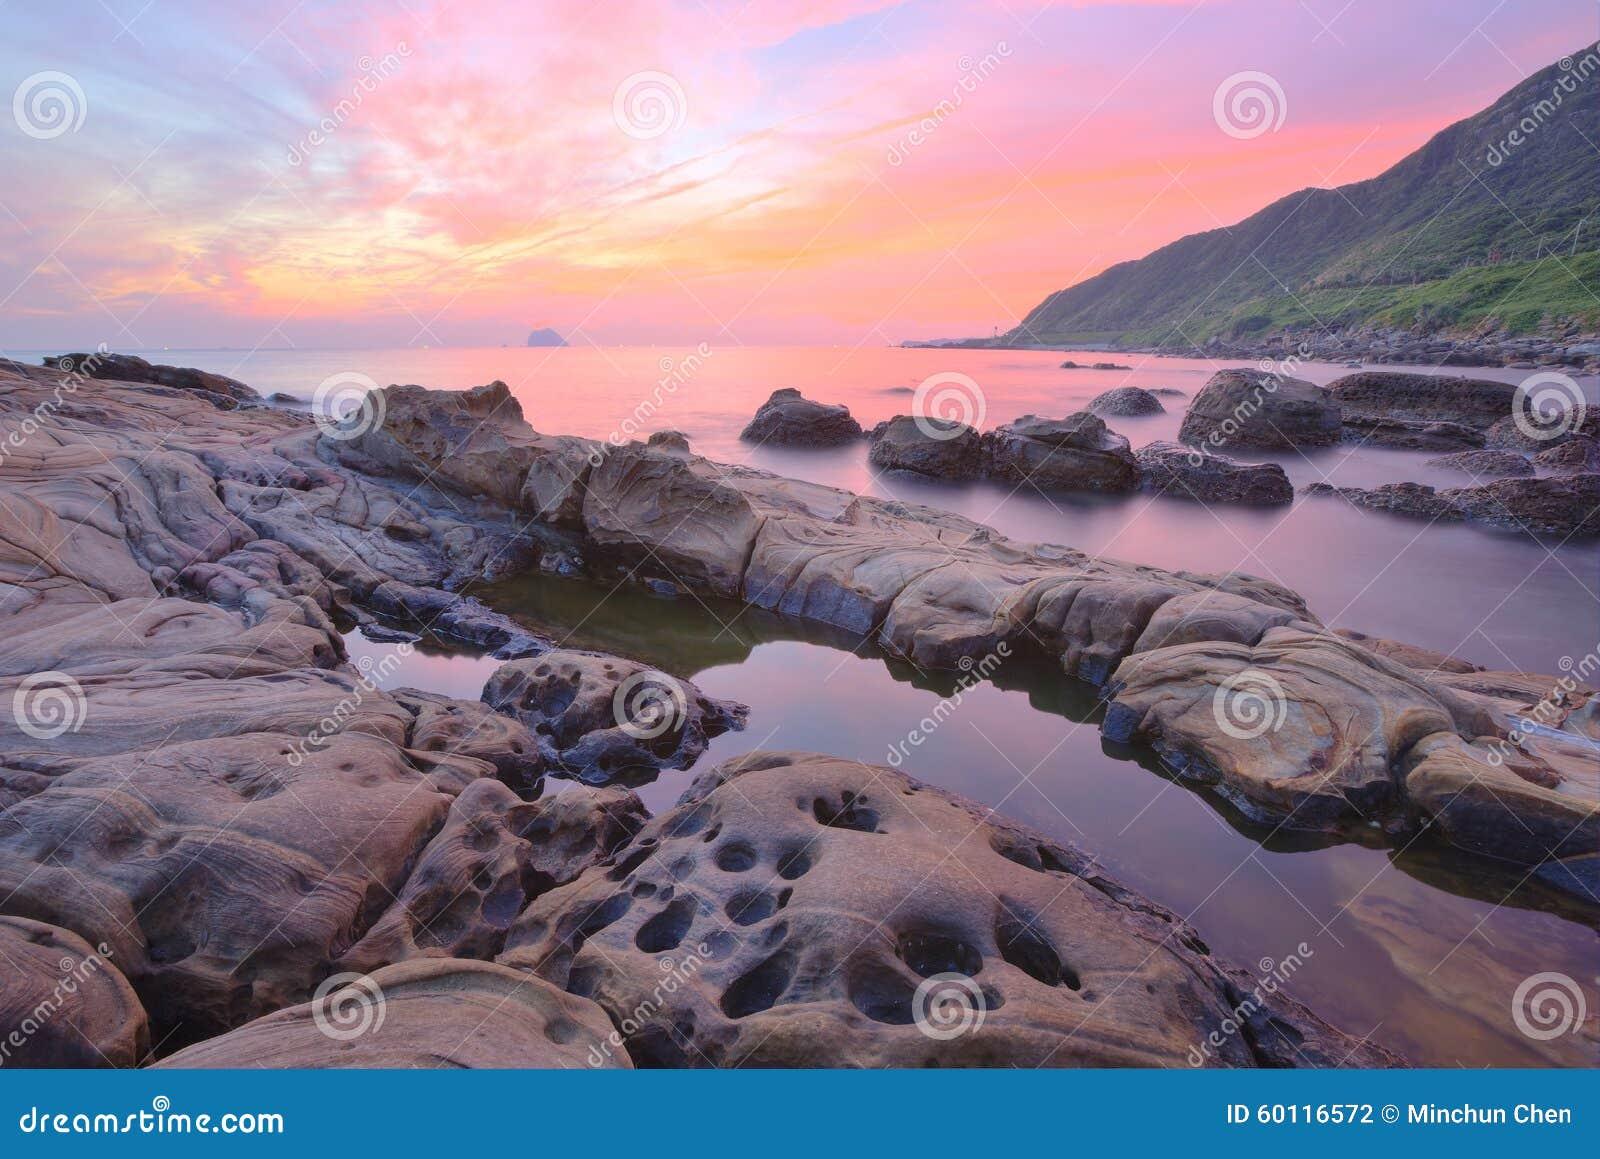 Härligt landskap av att gry himmel vid den steniga kusten i nordliga Taiwan (lång exponeringseffekt)